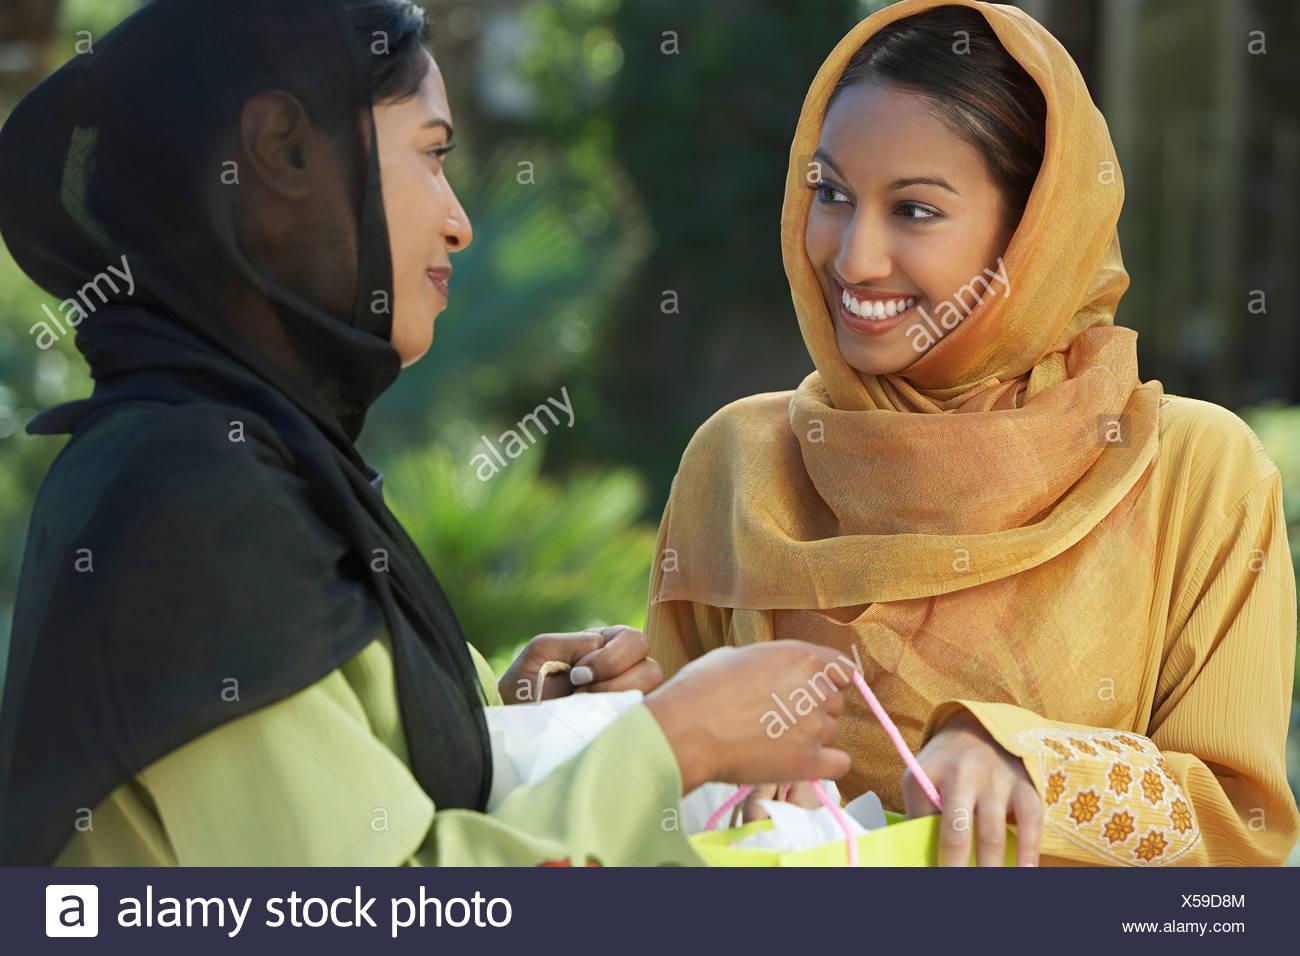 Meet Chai auf Arabisch not like